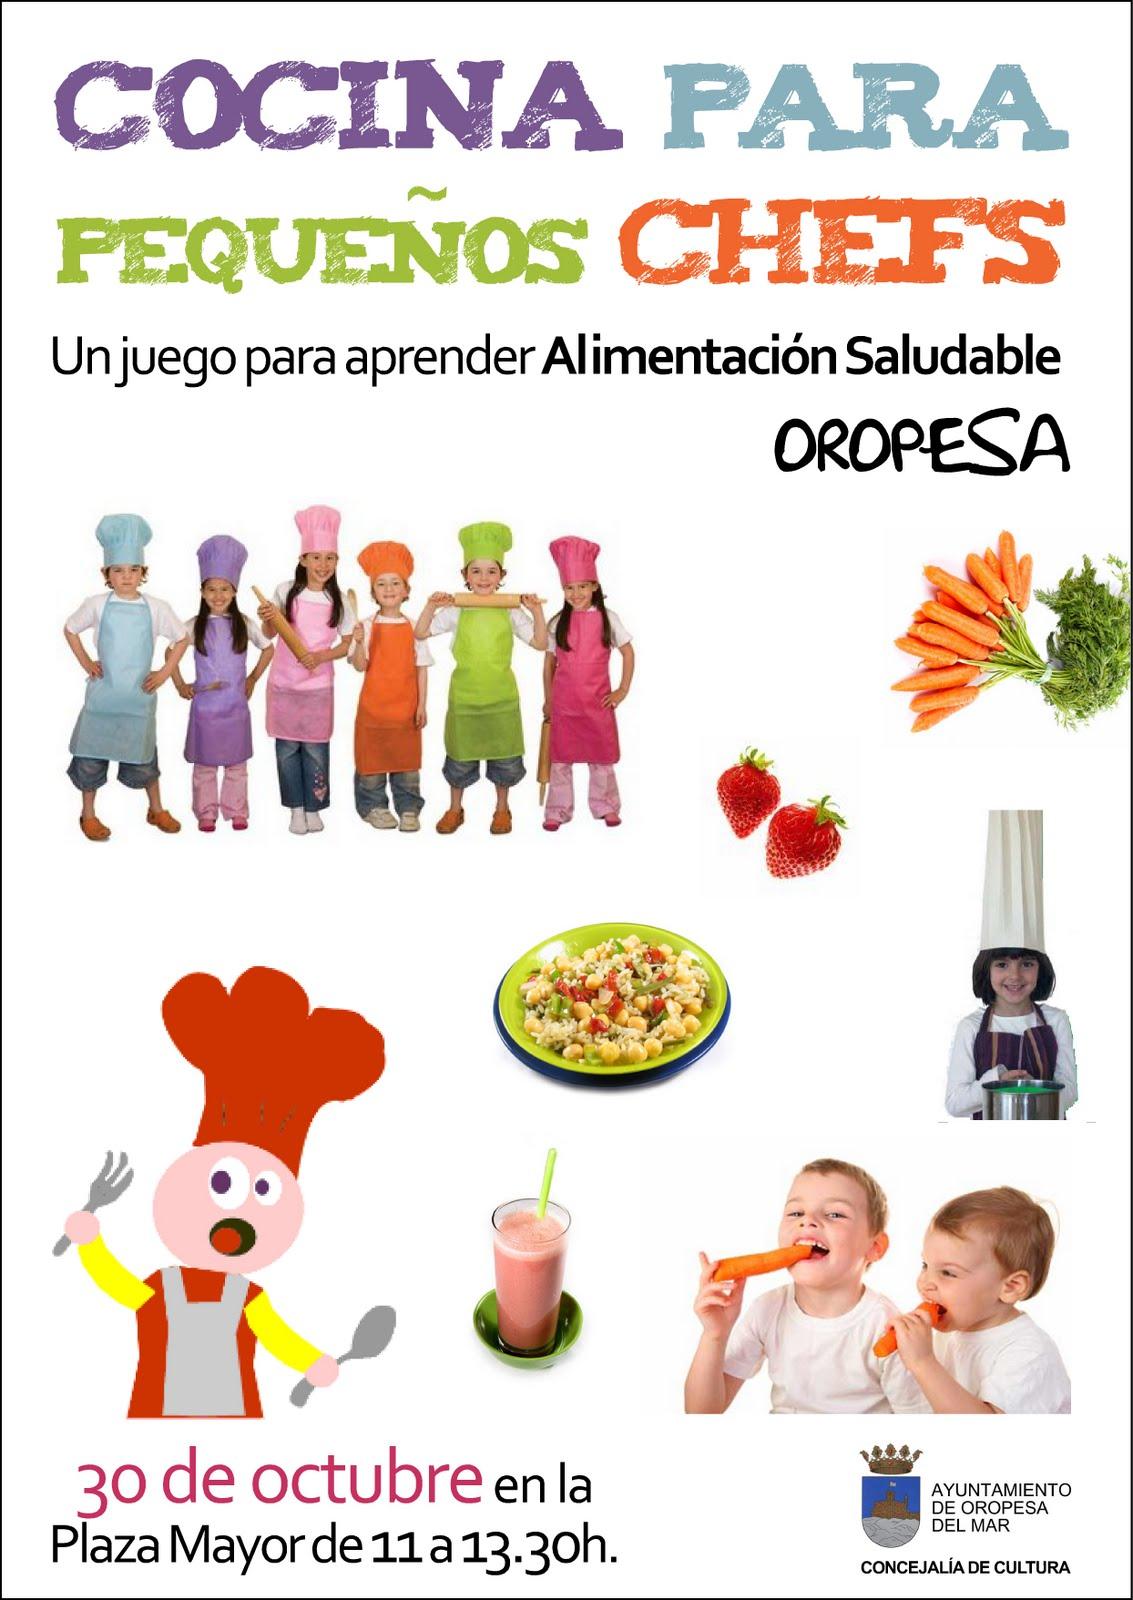 Kosmopolita comunicaci cocina para peque os chefs - Cocina con ninos pequenos ...